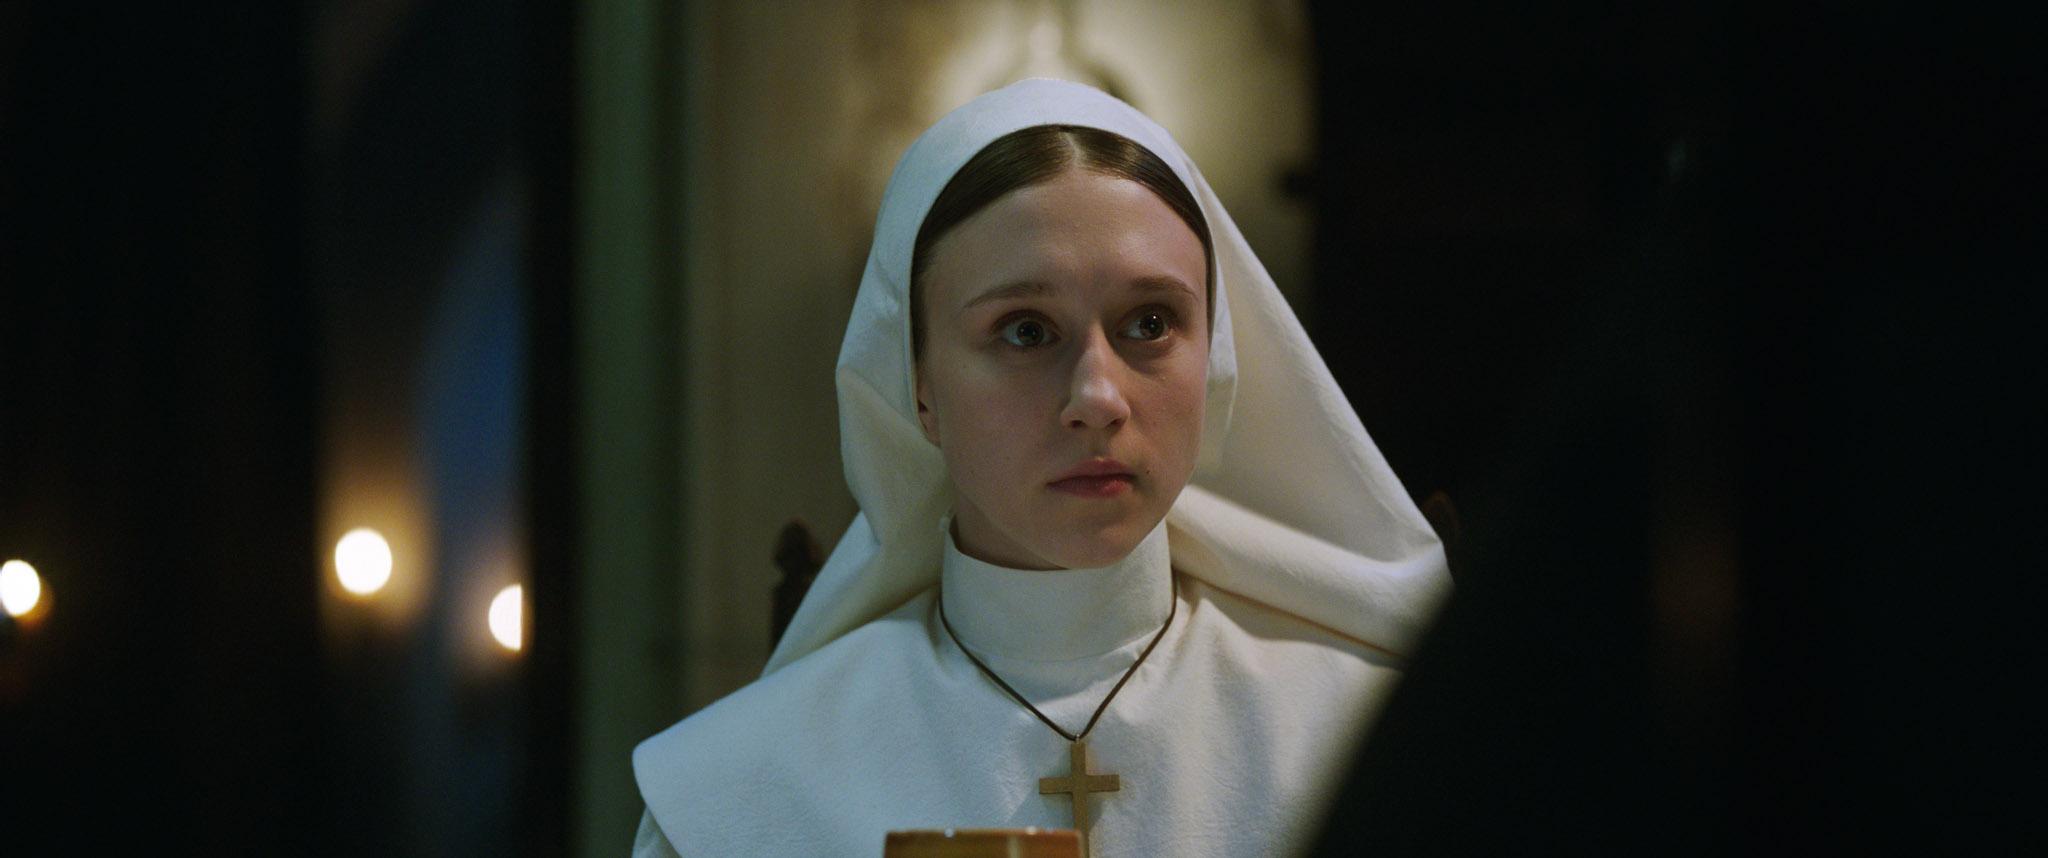 Az apáca a Démonok között-sorozat legsikeresebb filmje lett